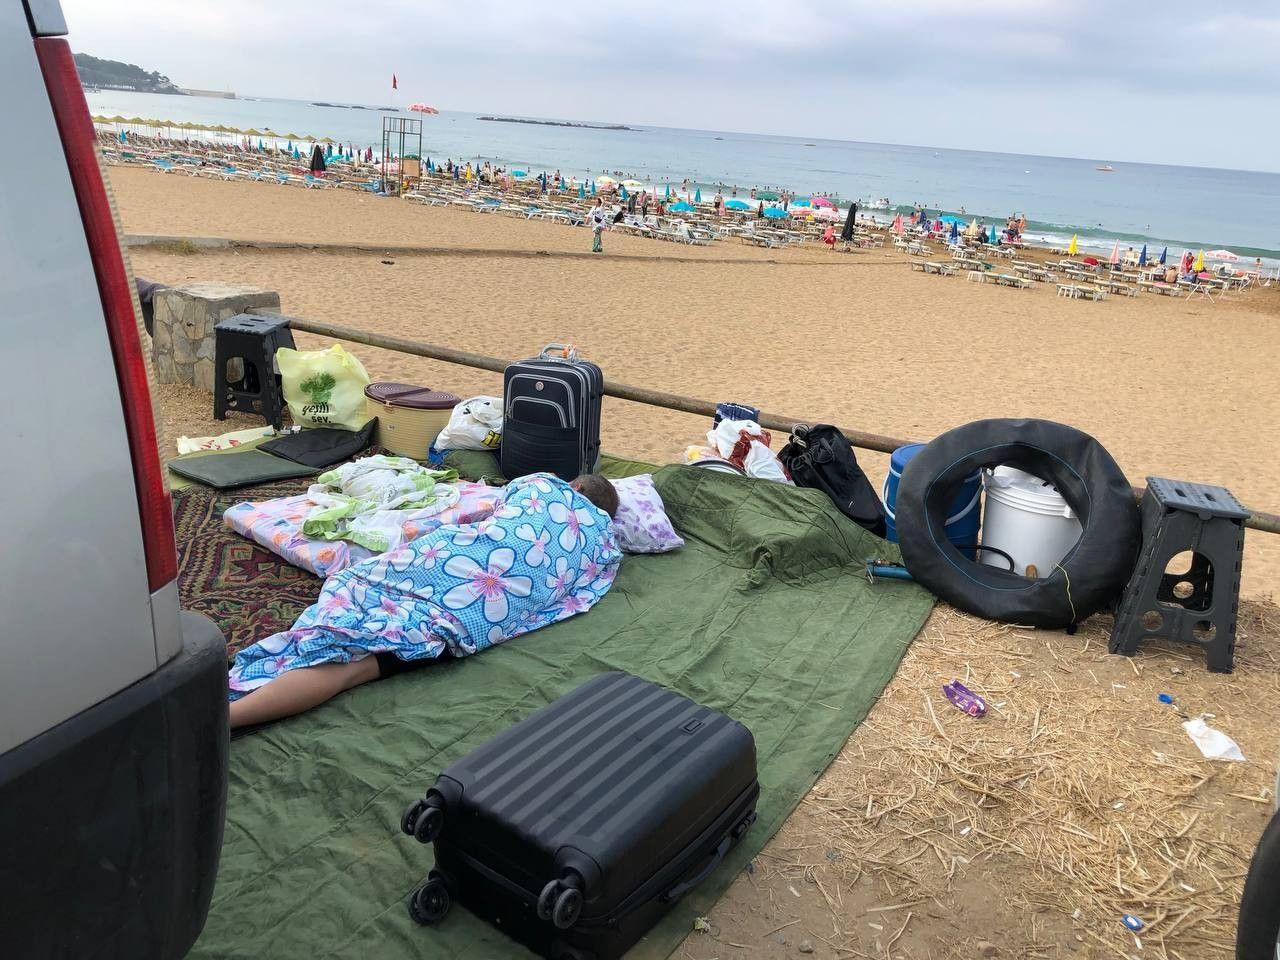 Antalya'da sahiller ağzına kadar doldu! Pes dedirten görüntüler: Böyle tatil olmaz